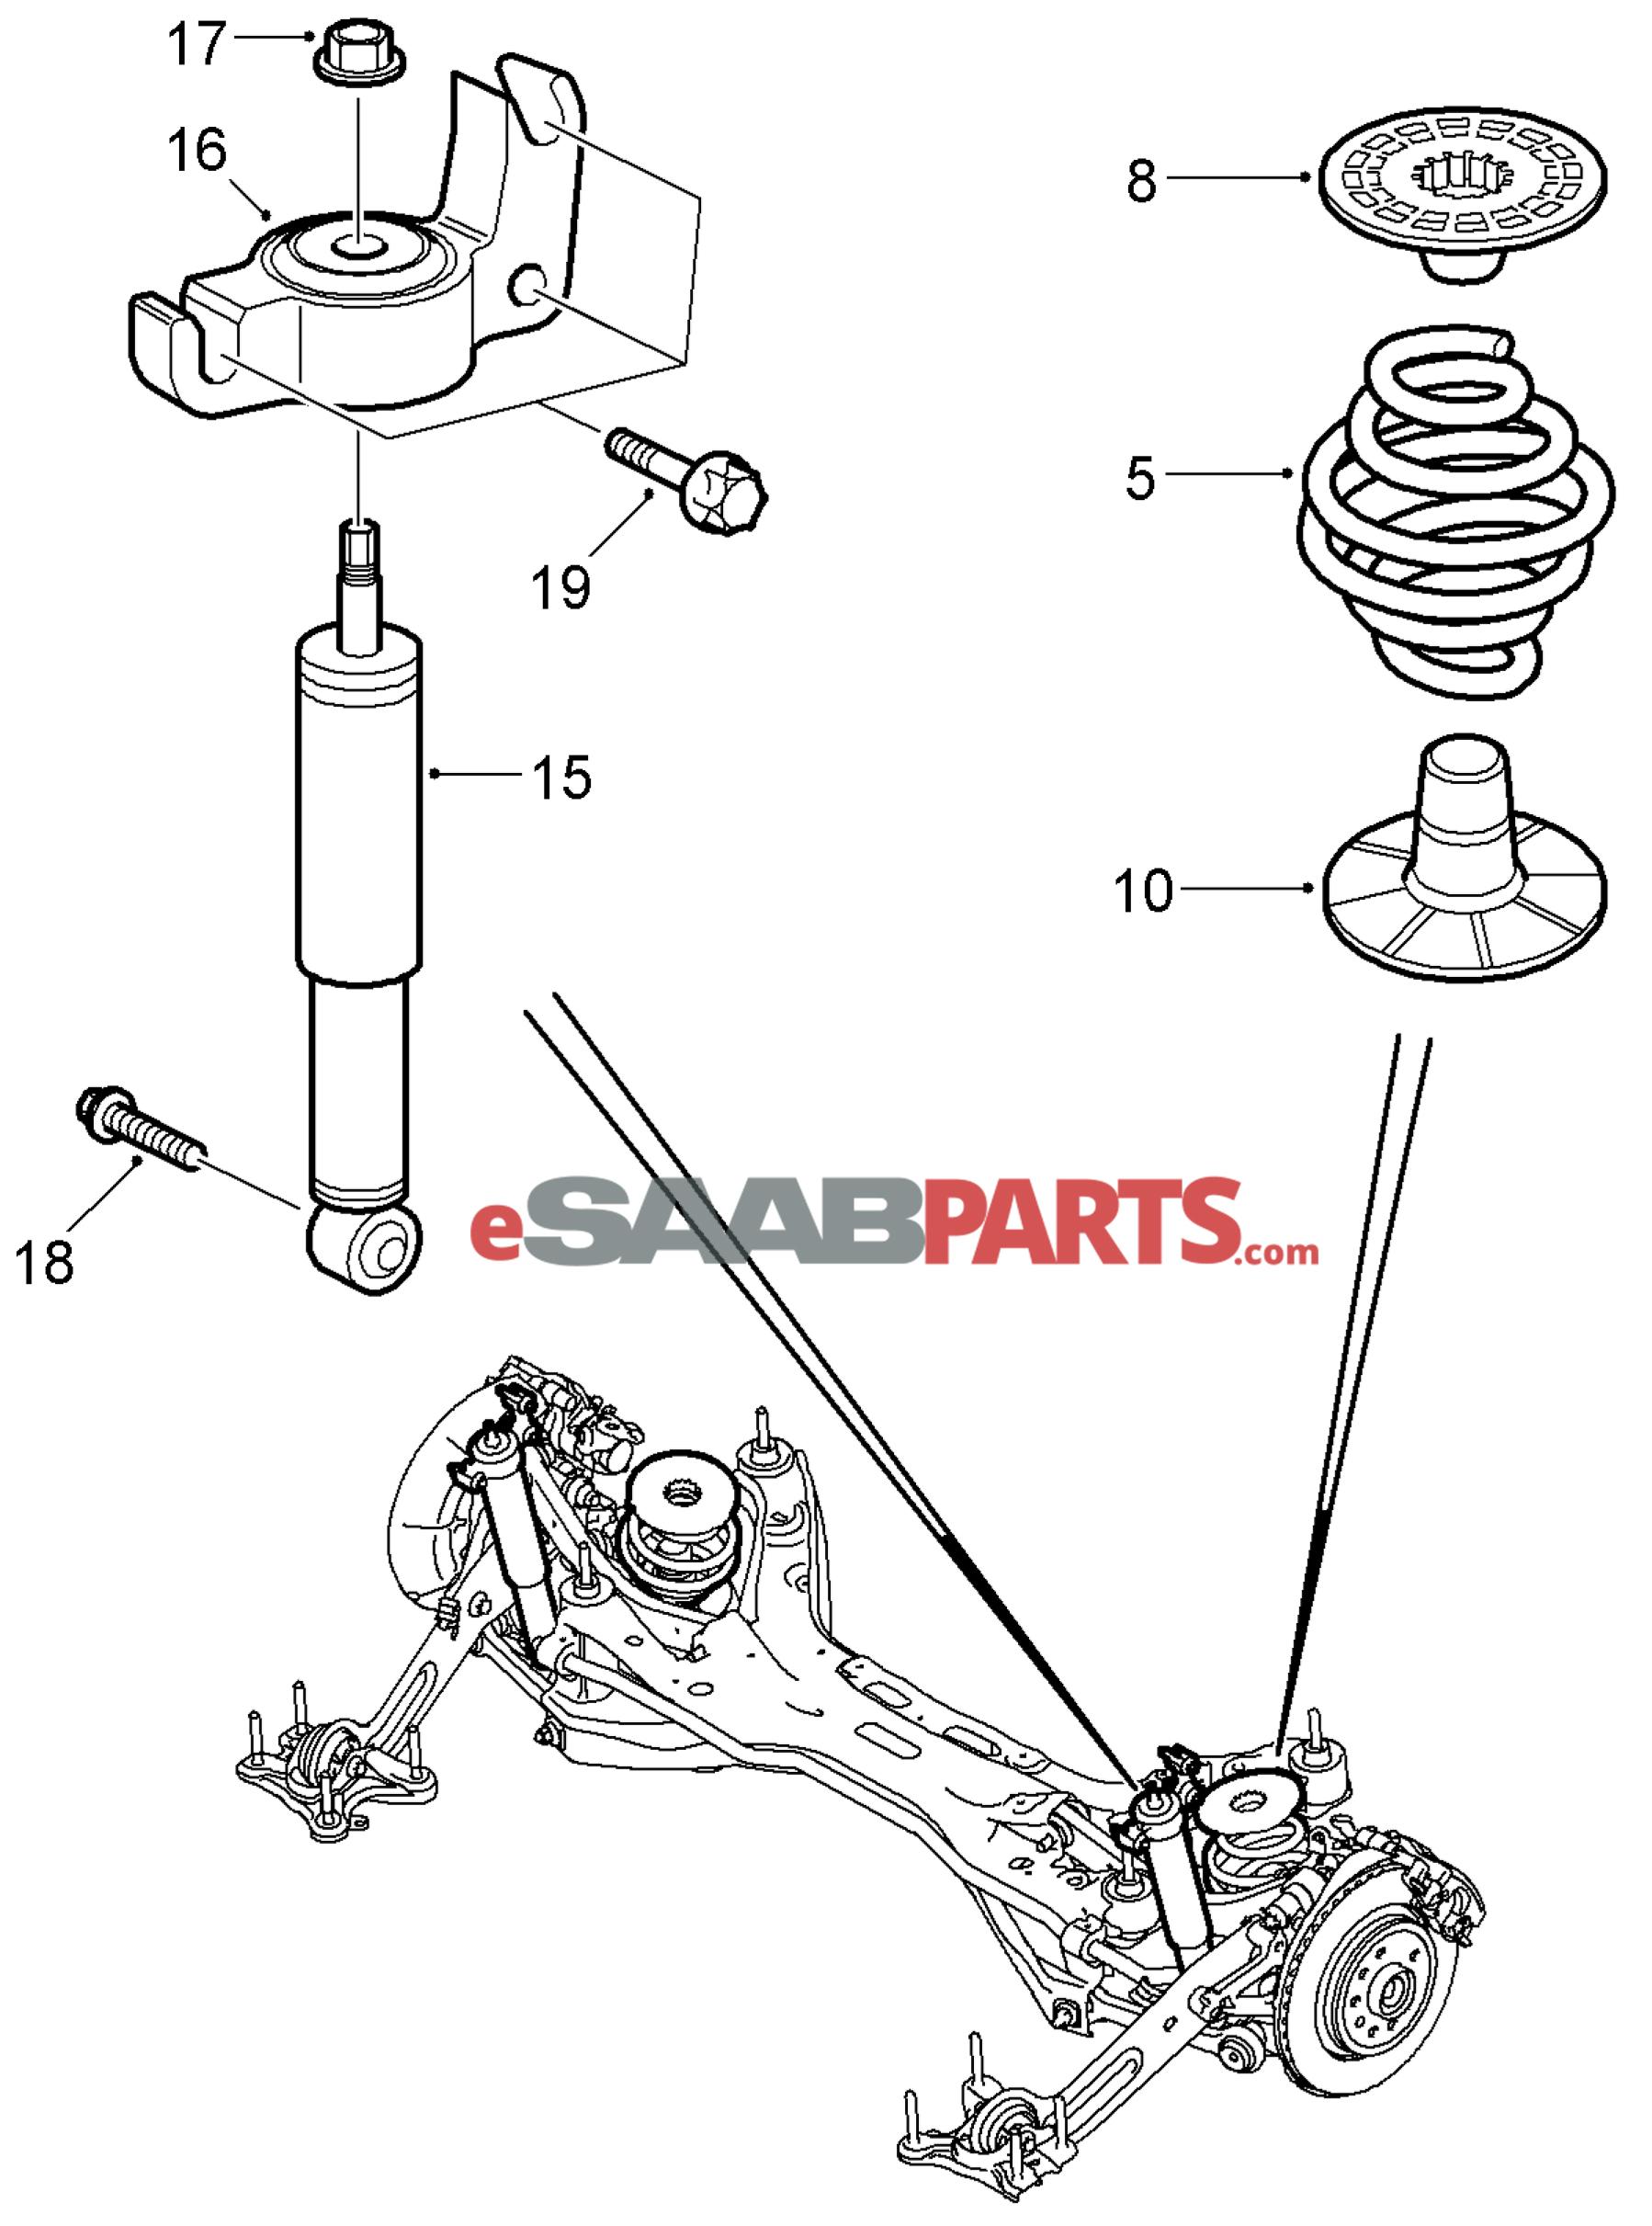 30 Saab 9 3 Parts Diagram